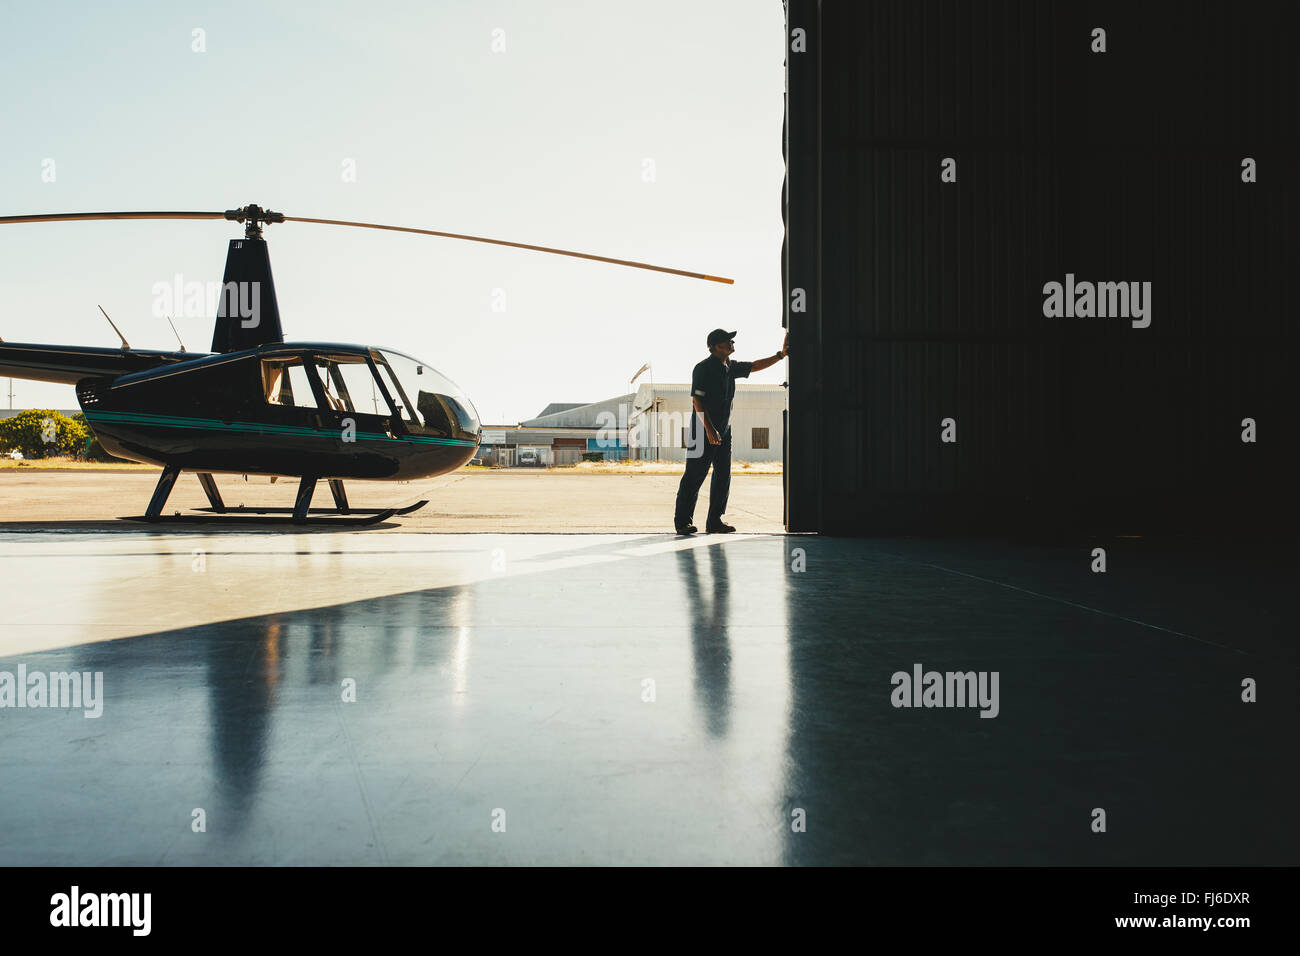 Ouverture mécanique la porte d'un hangar d'avion à l'aide d'un hélicoptère Photo Stock